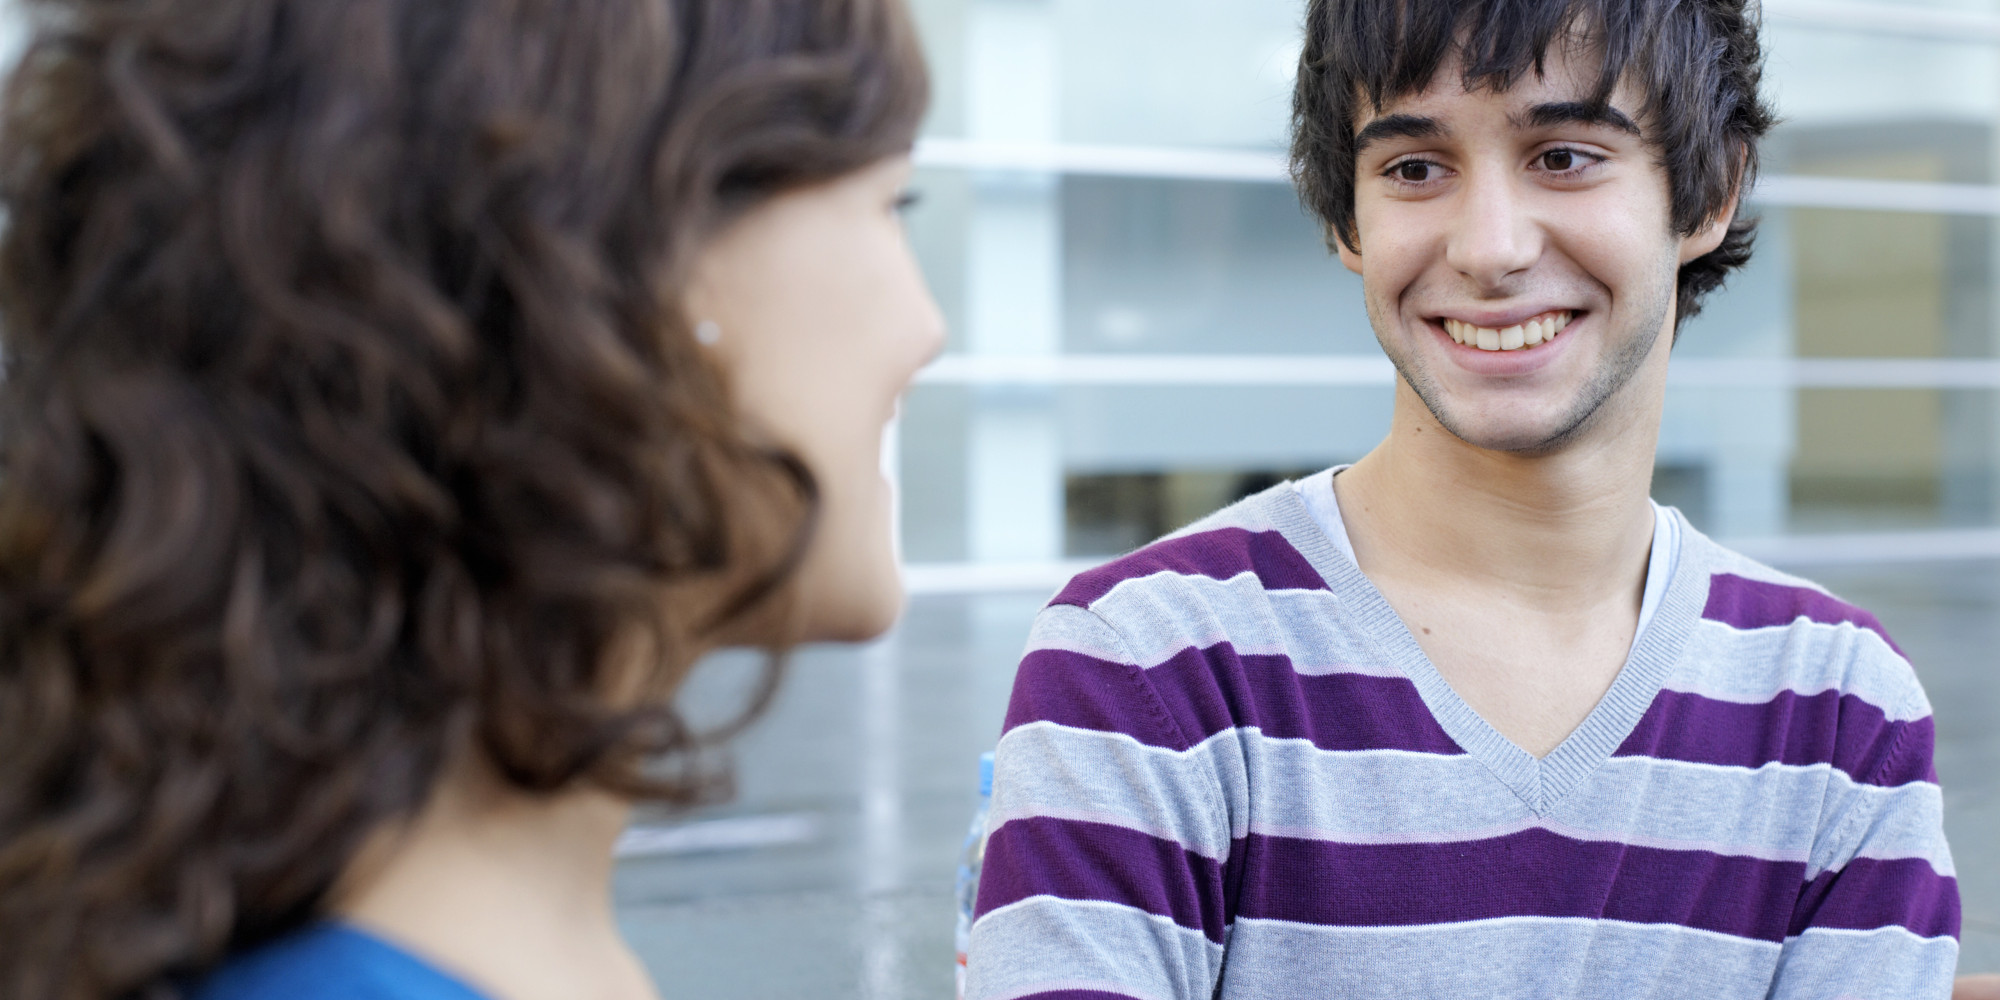 boy talking to girl